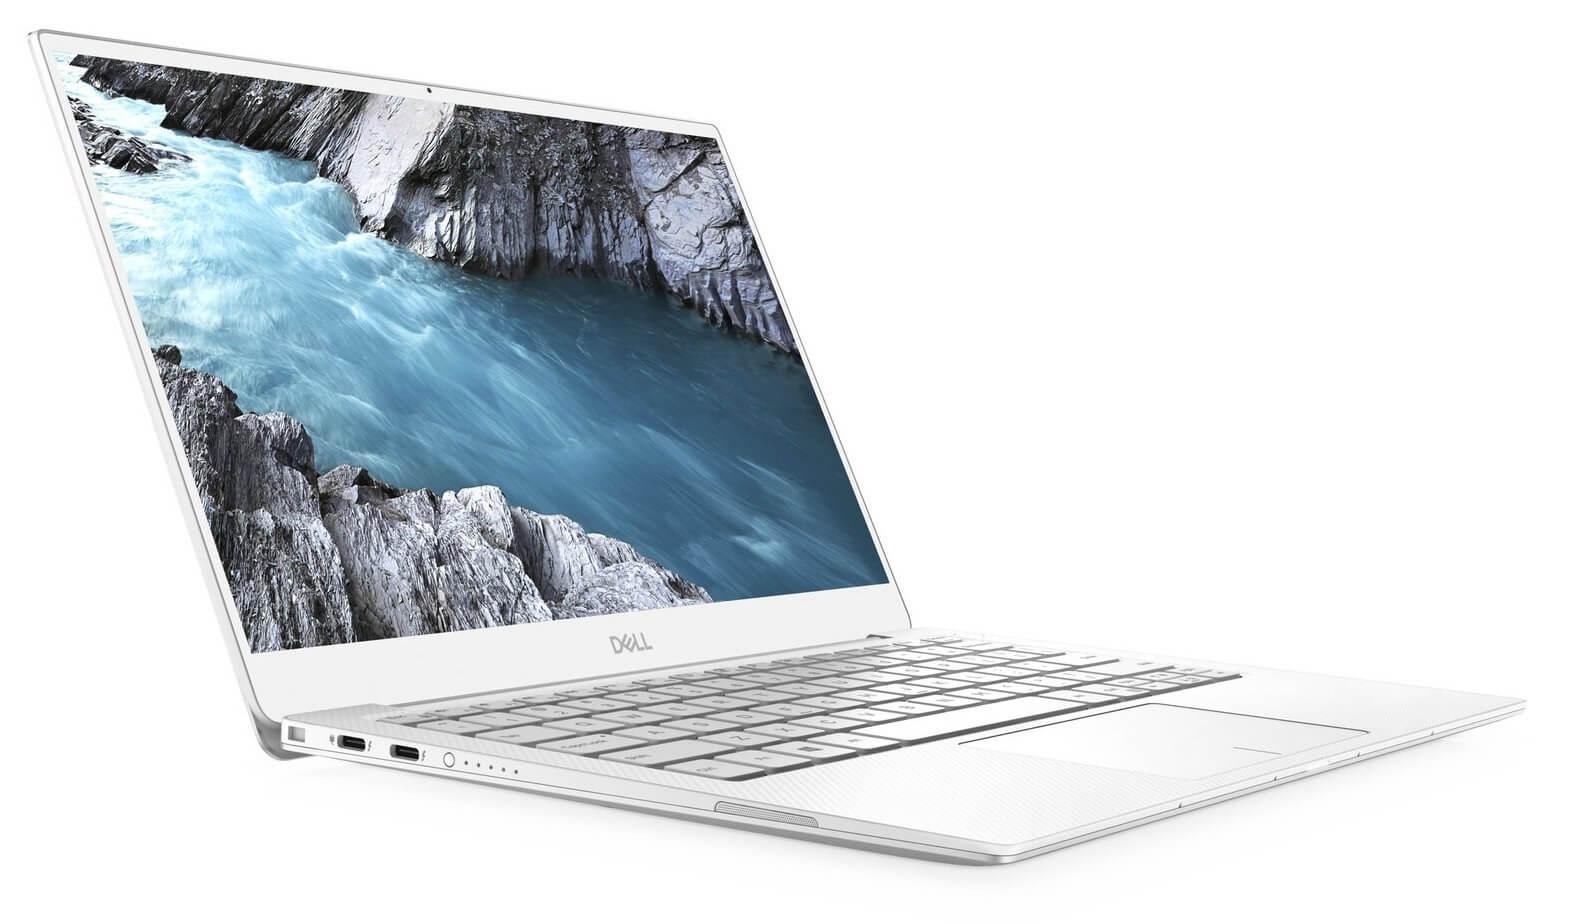 انواع لپ تاپ های دل و کاربرد آن ها